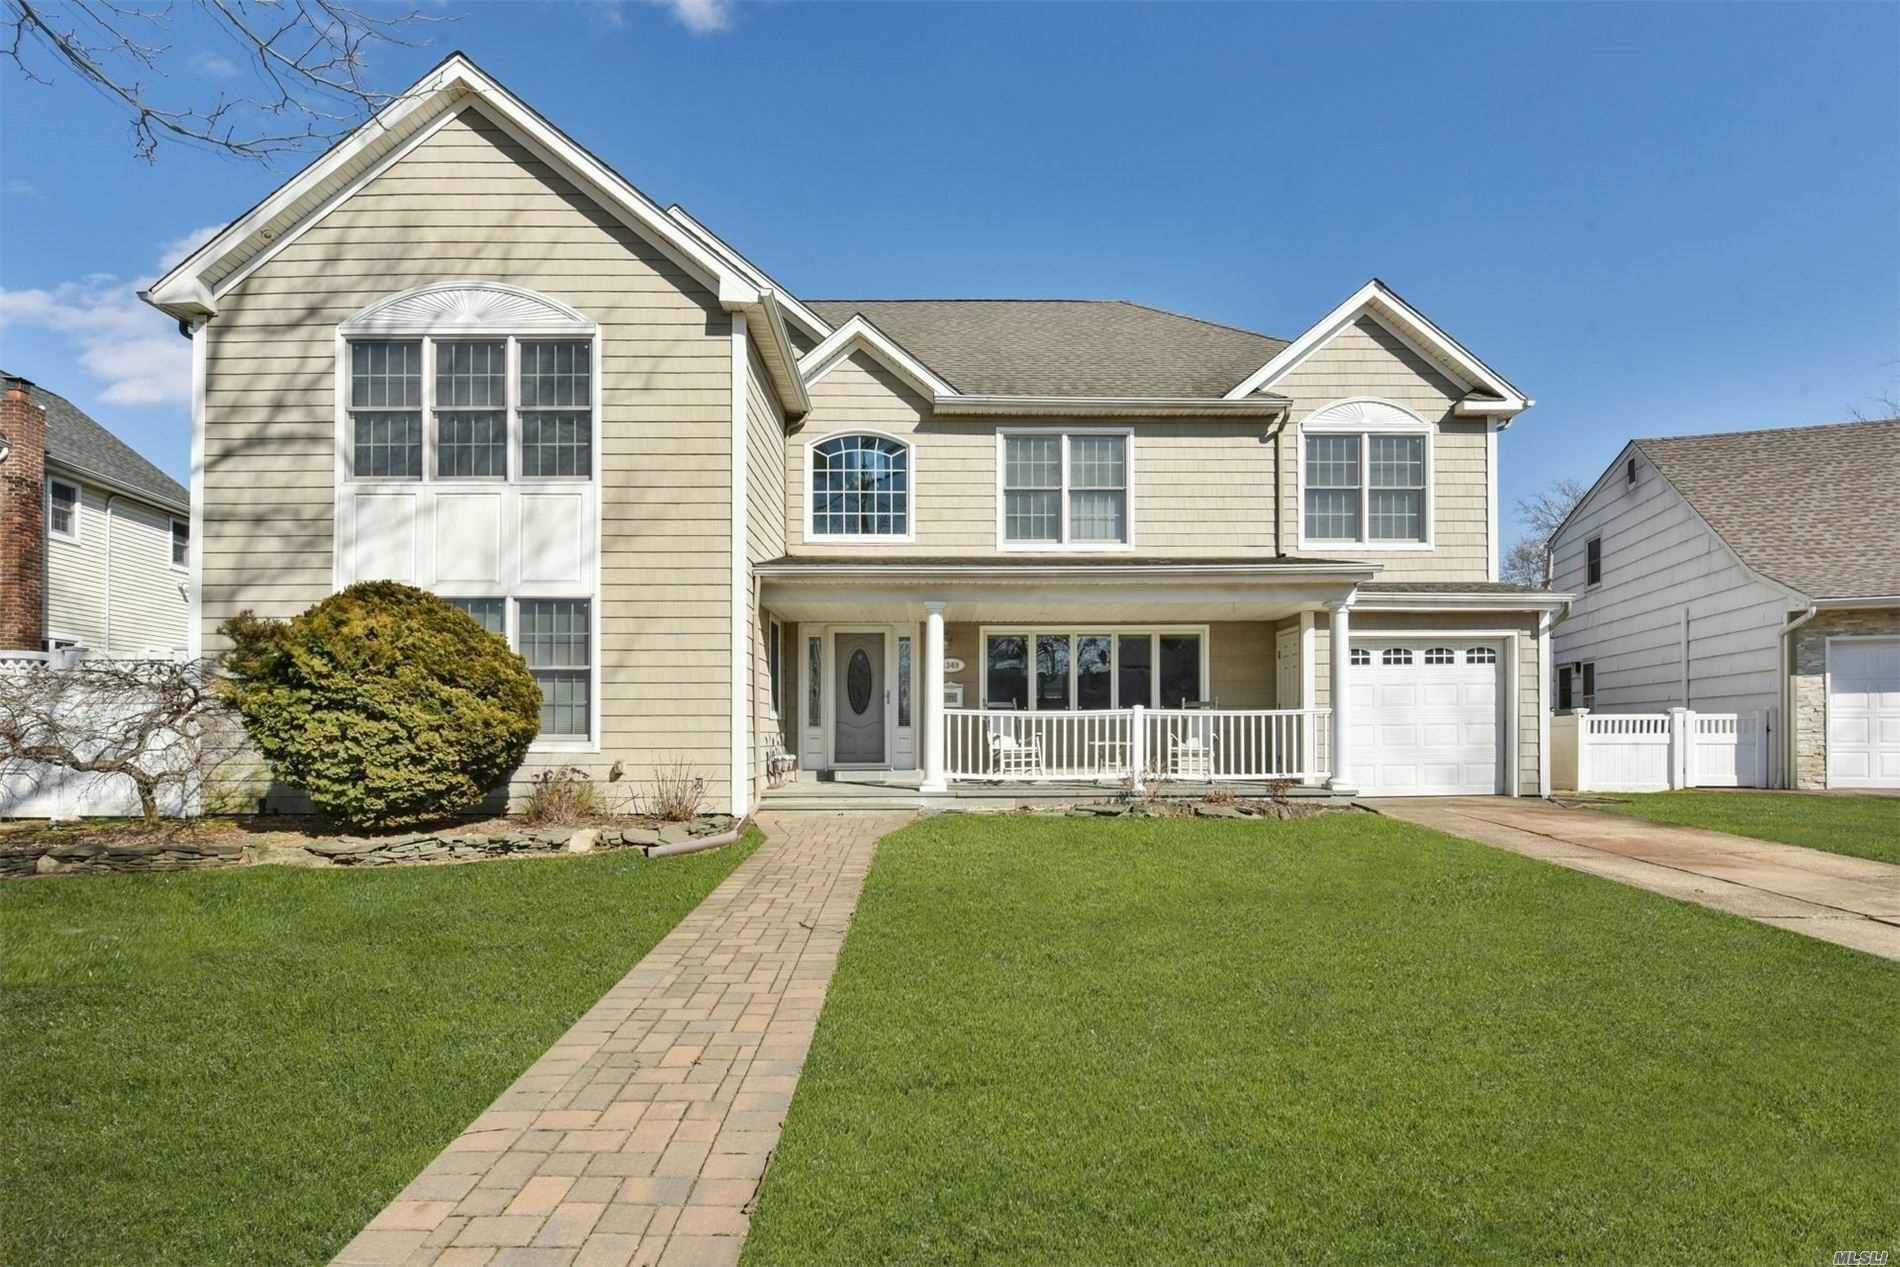 1349 Millwood, Merrick, NY 11566 - MLS#: 3225410